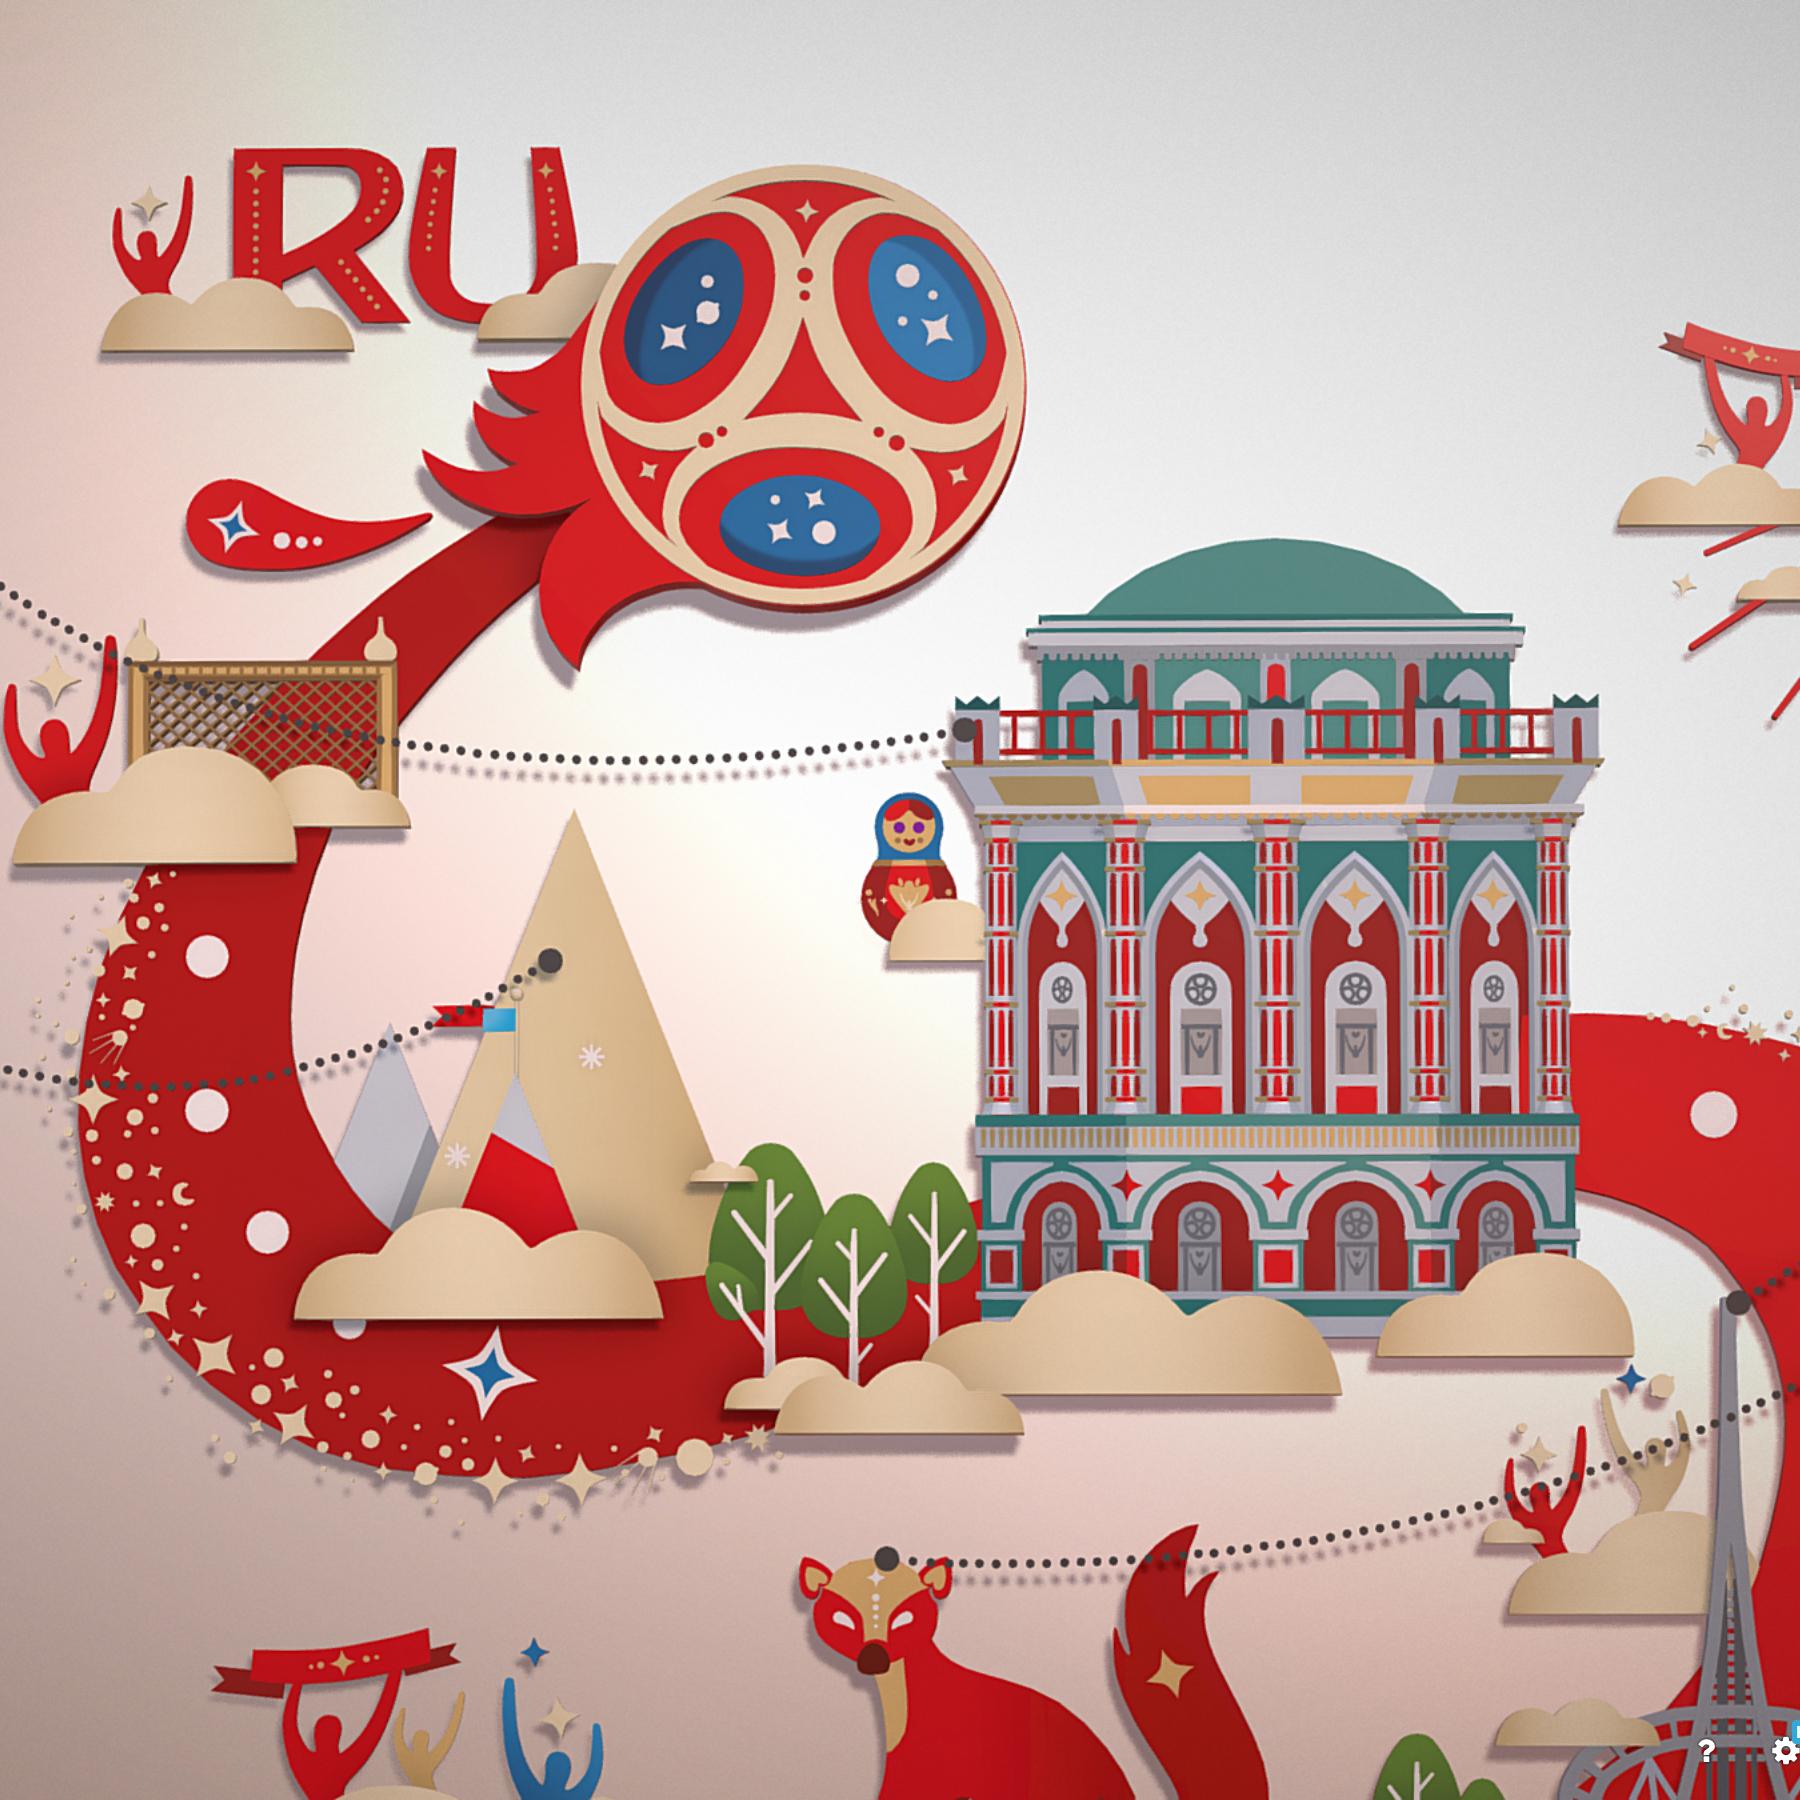 fifa wold cup 2018 russia host city ekaterinburg 3d model max  fbx jpeg jpg ma mb obj 271368